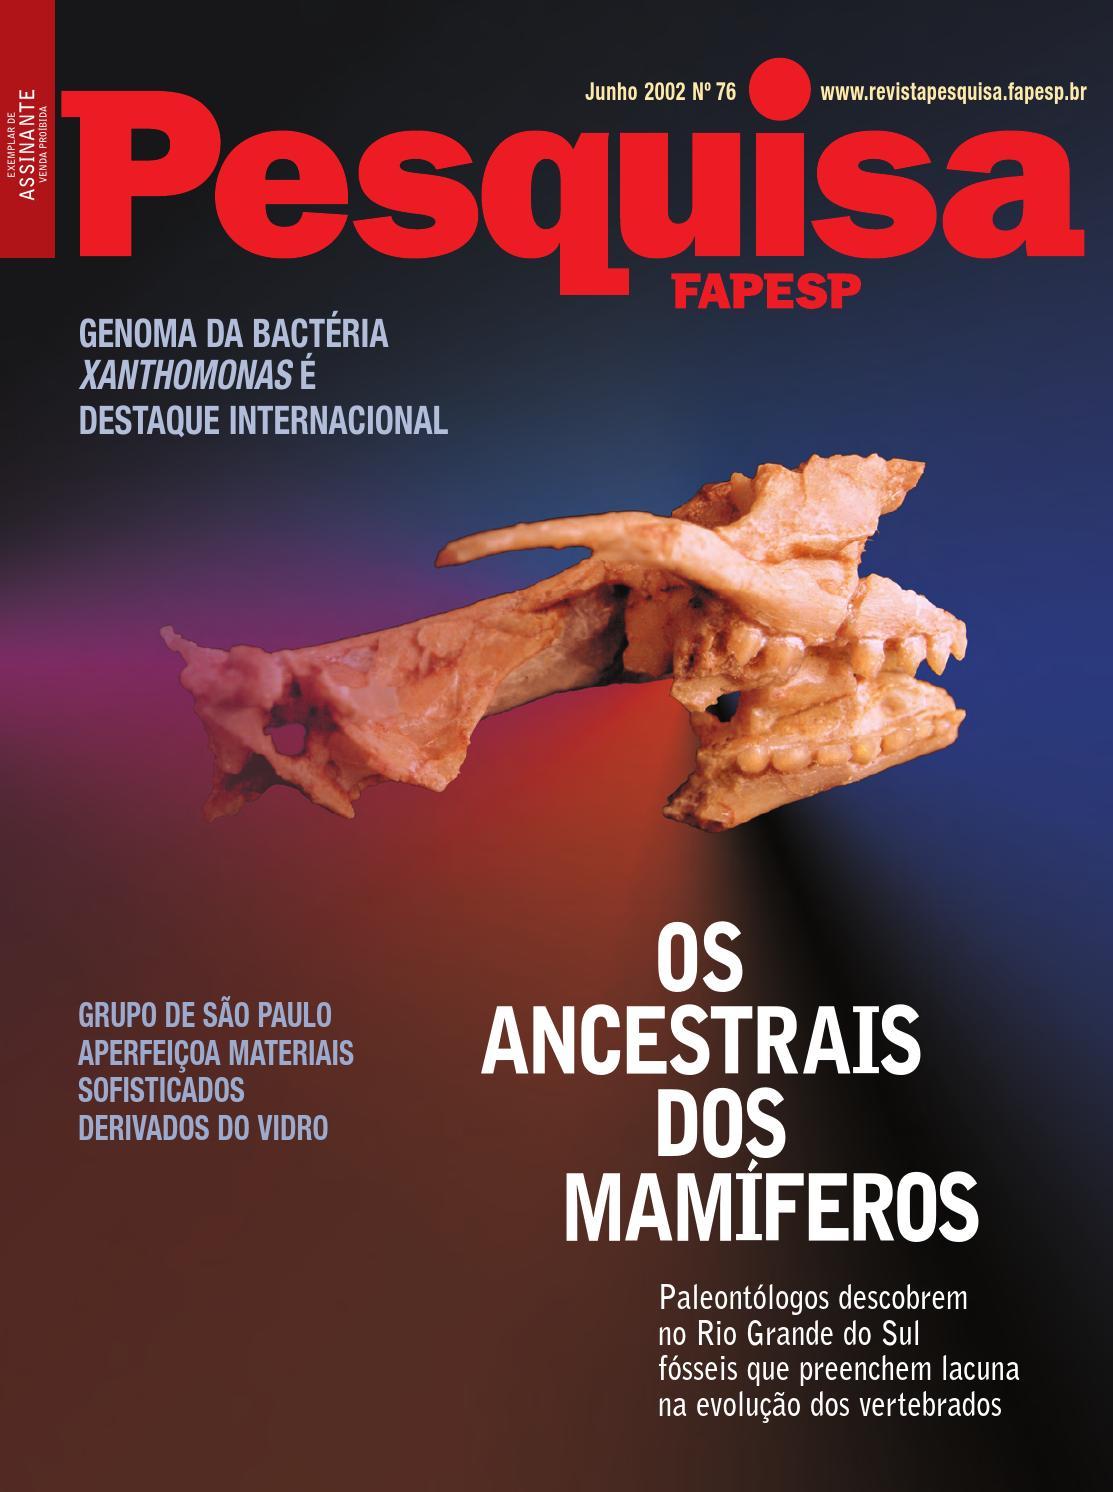 Os ancestrais dos mamíferos by Pesquisa Fapesp - issuu 38f0179e52